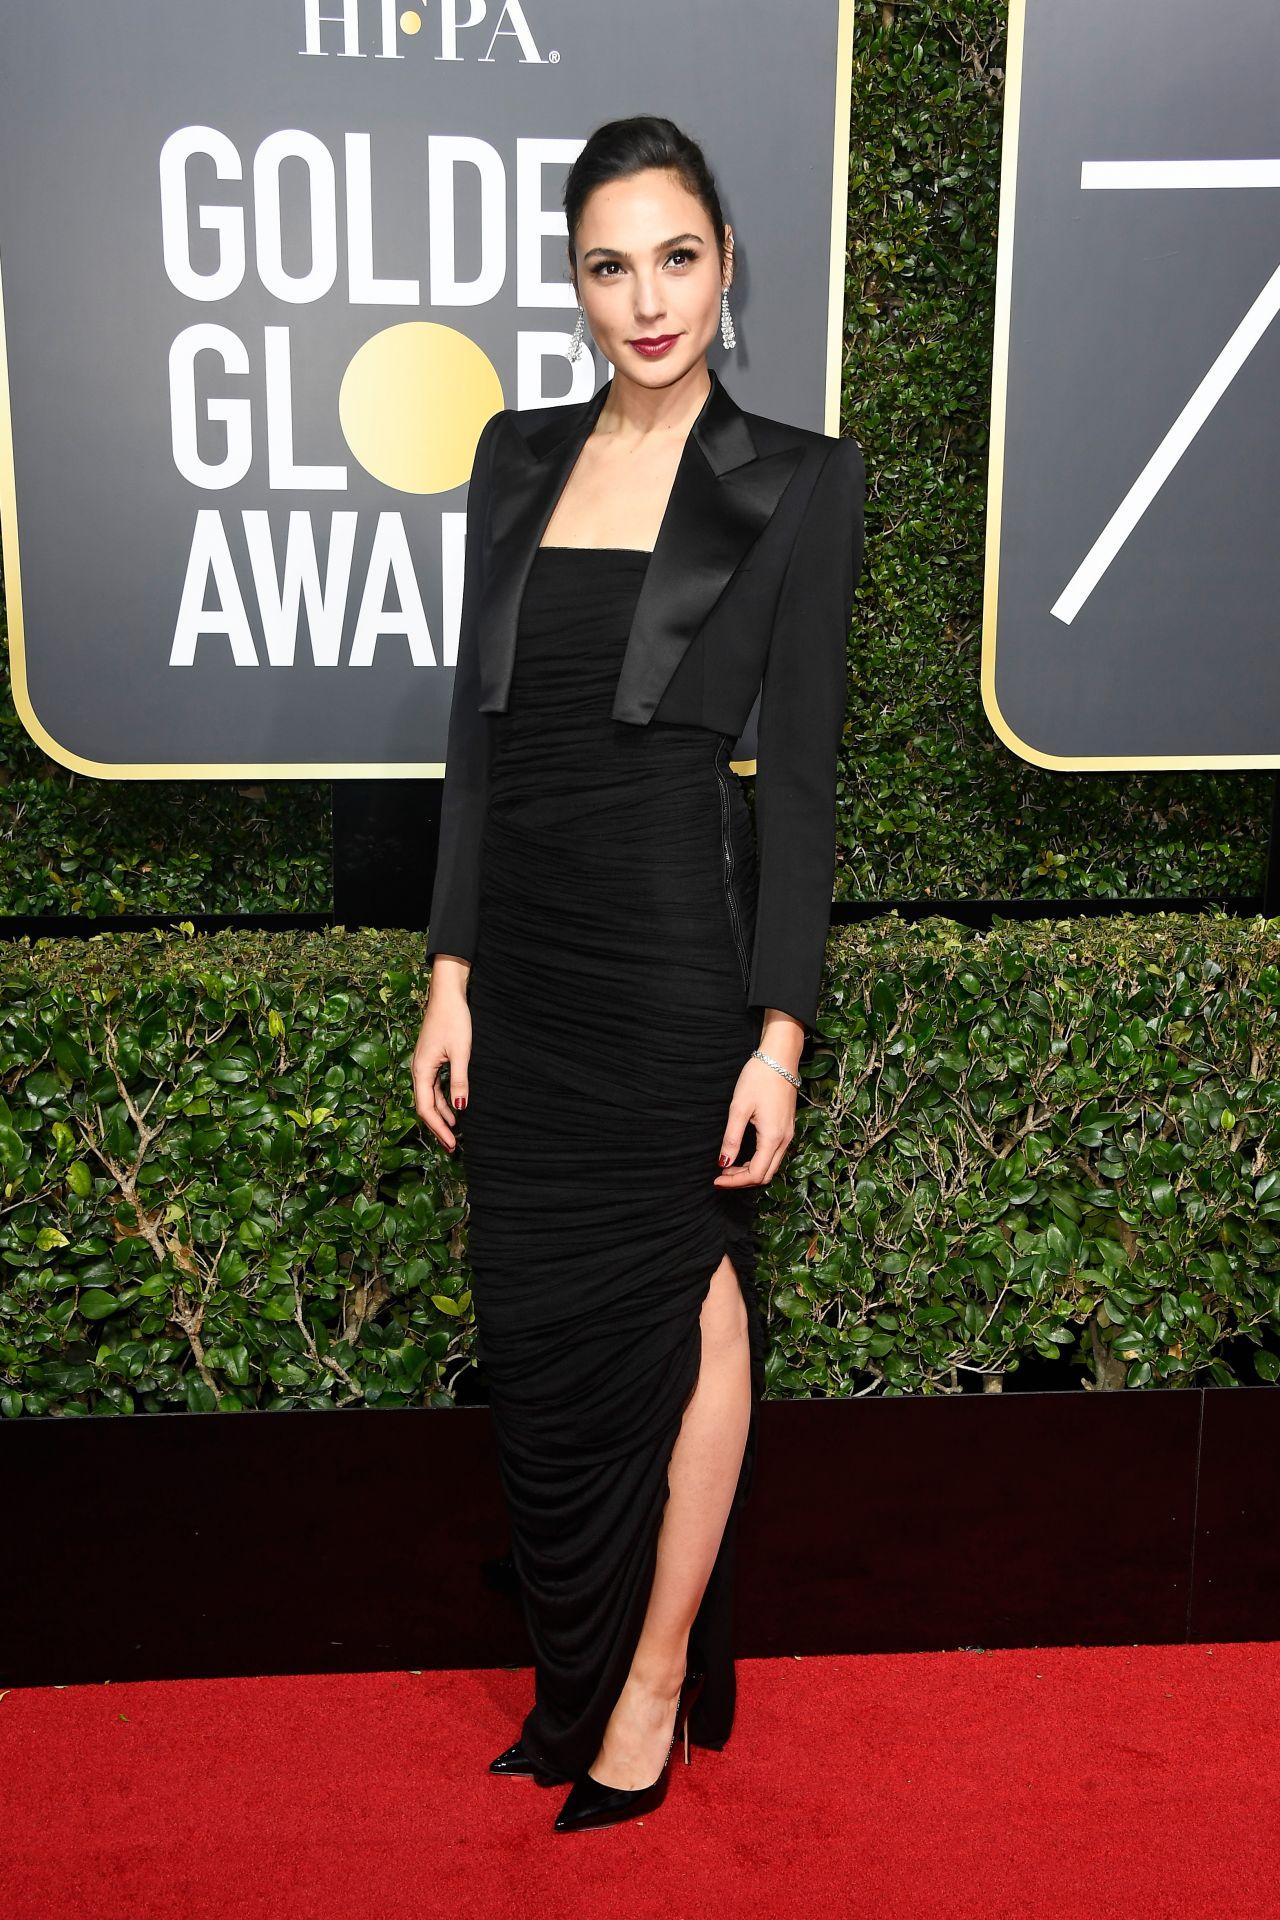 http://celebmafia.com/wp-content/uploads/2018/01/gal-gadot-golden-globe-awards-2018-4.jpg